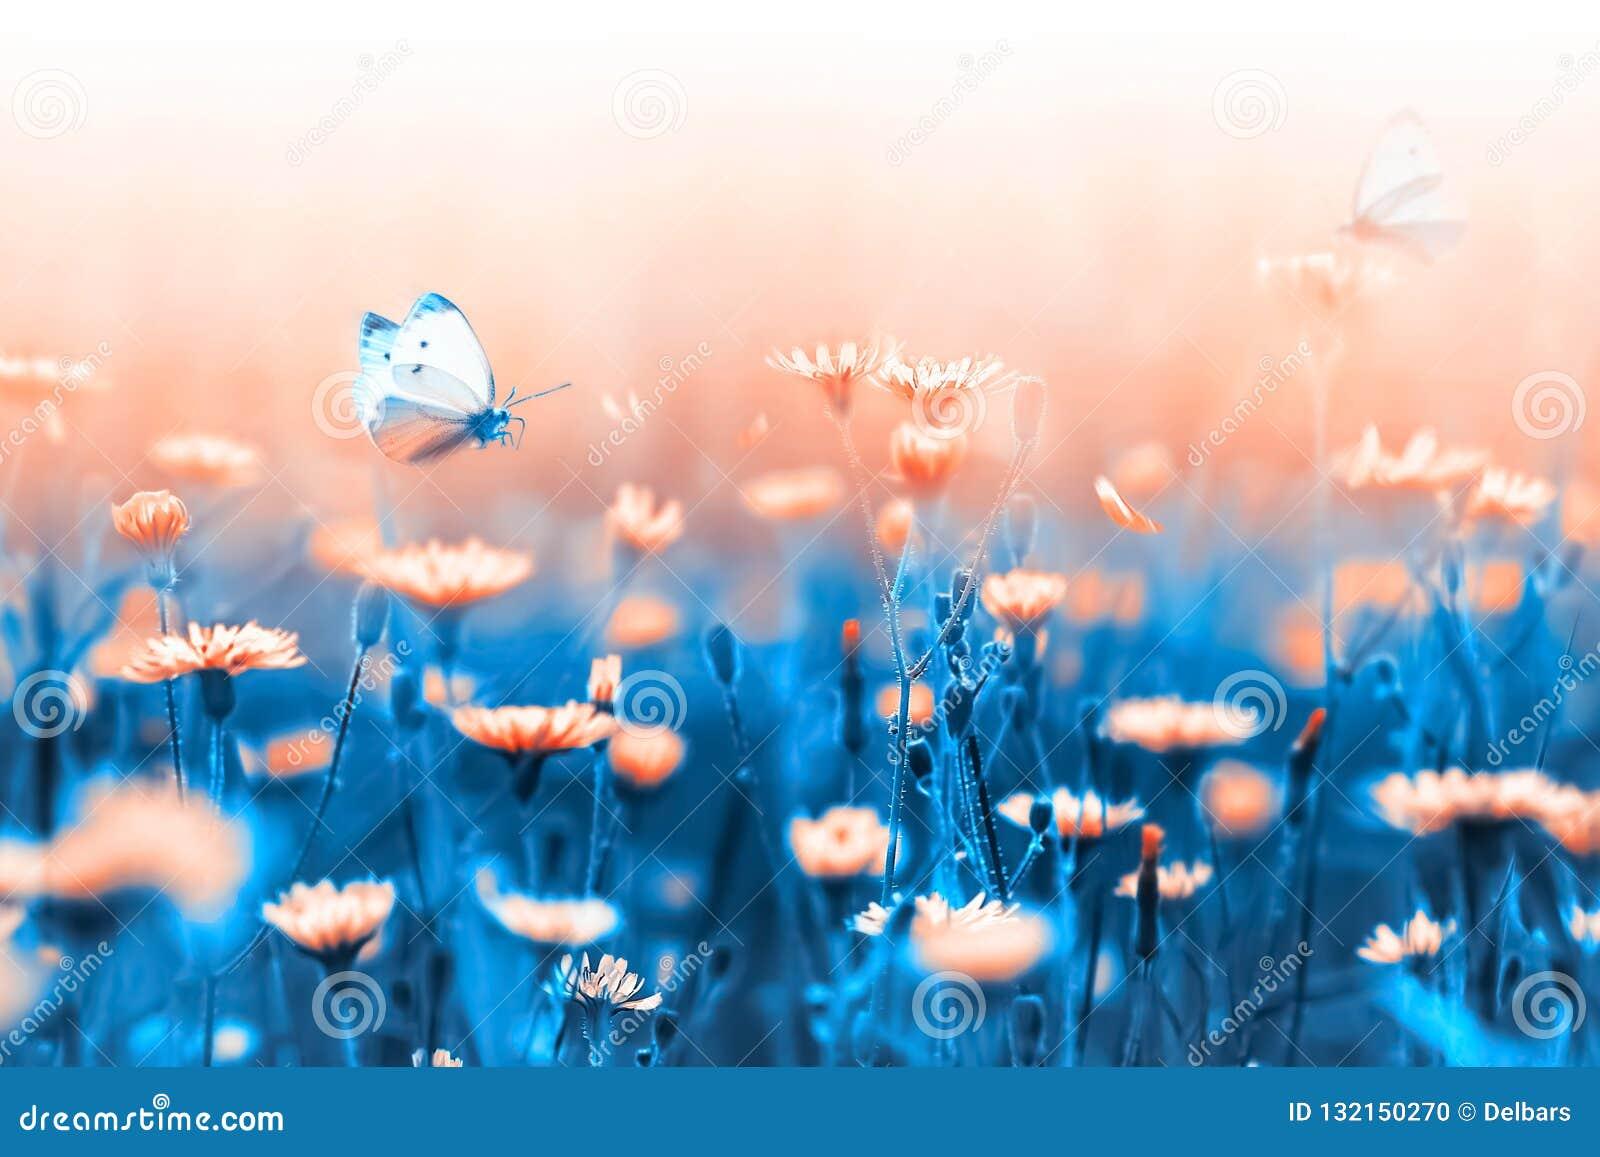 De achtergrond van de lente De oranje bloemen en de vlinder op een achtergrond van blauw gaan weg en stammen Artistiek natuurlijk